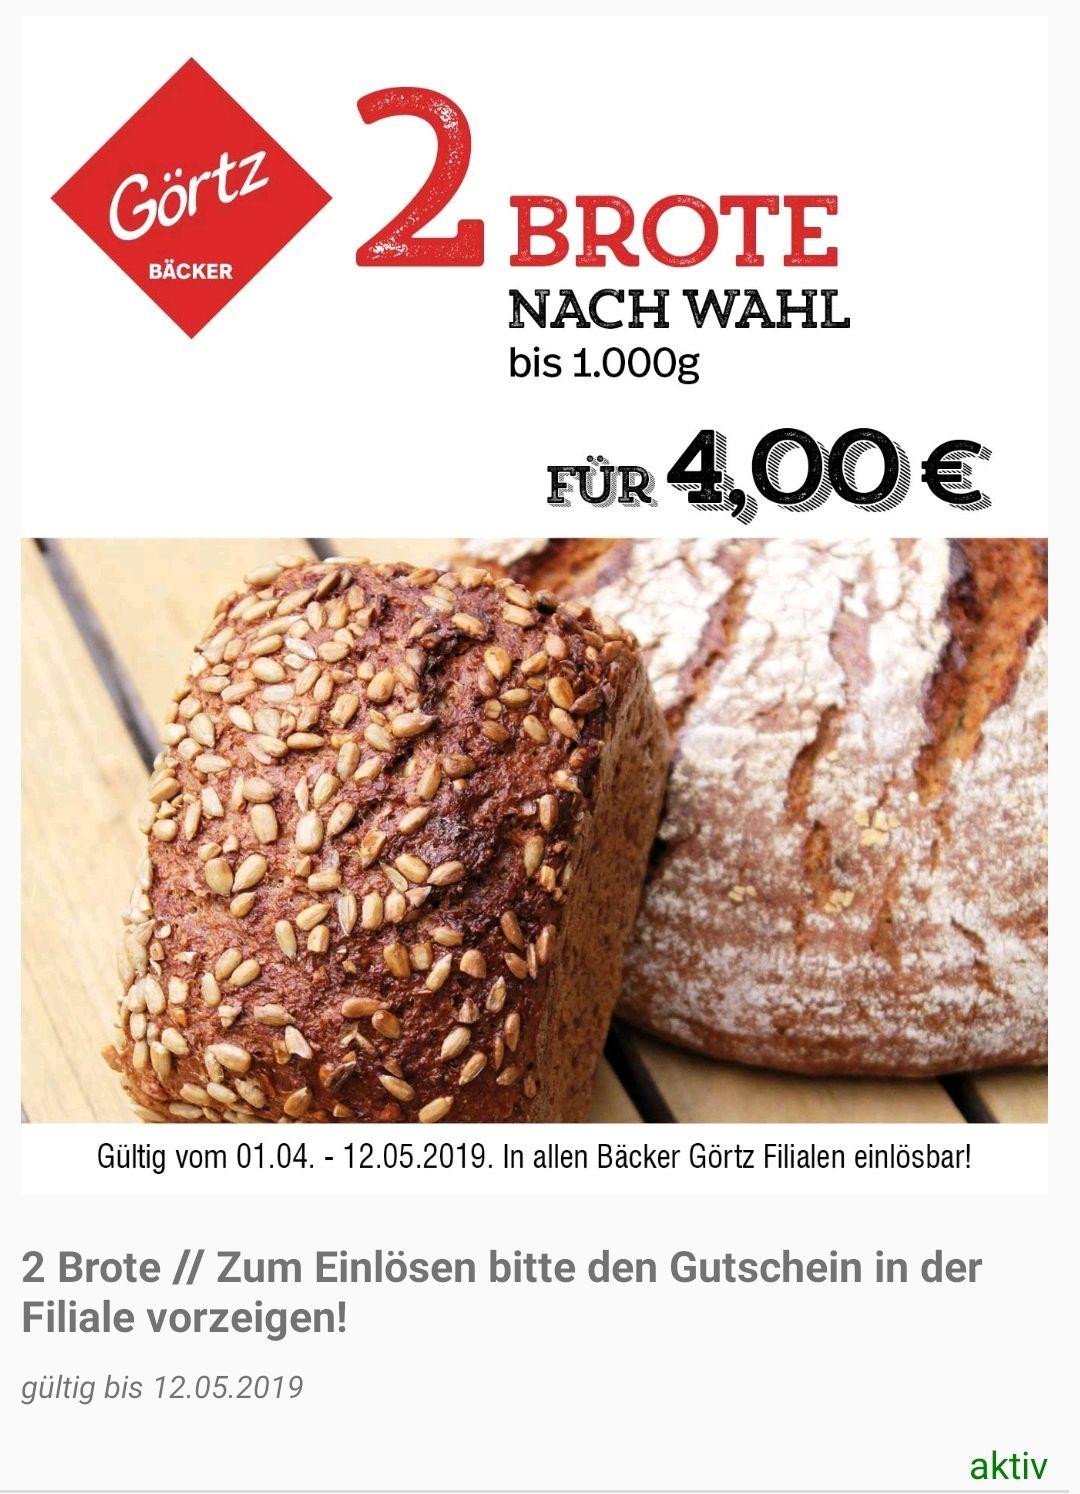 bfcca6e0f3 Bäckerei Görtz AppGutscheine: Kaffe/Tee nach Wahl 1,50€/2×Brot 4€/3 ...